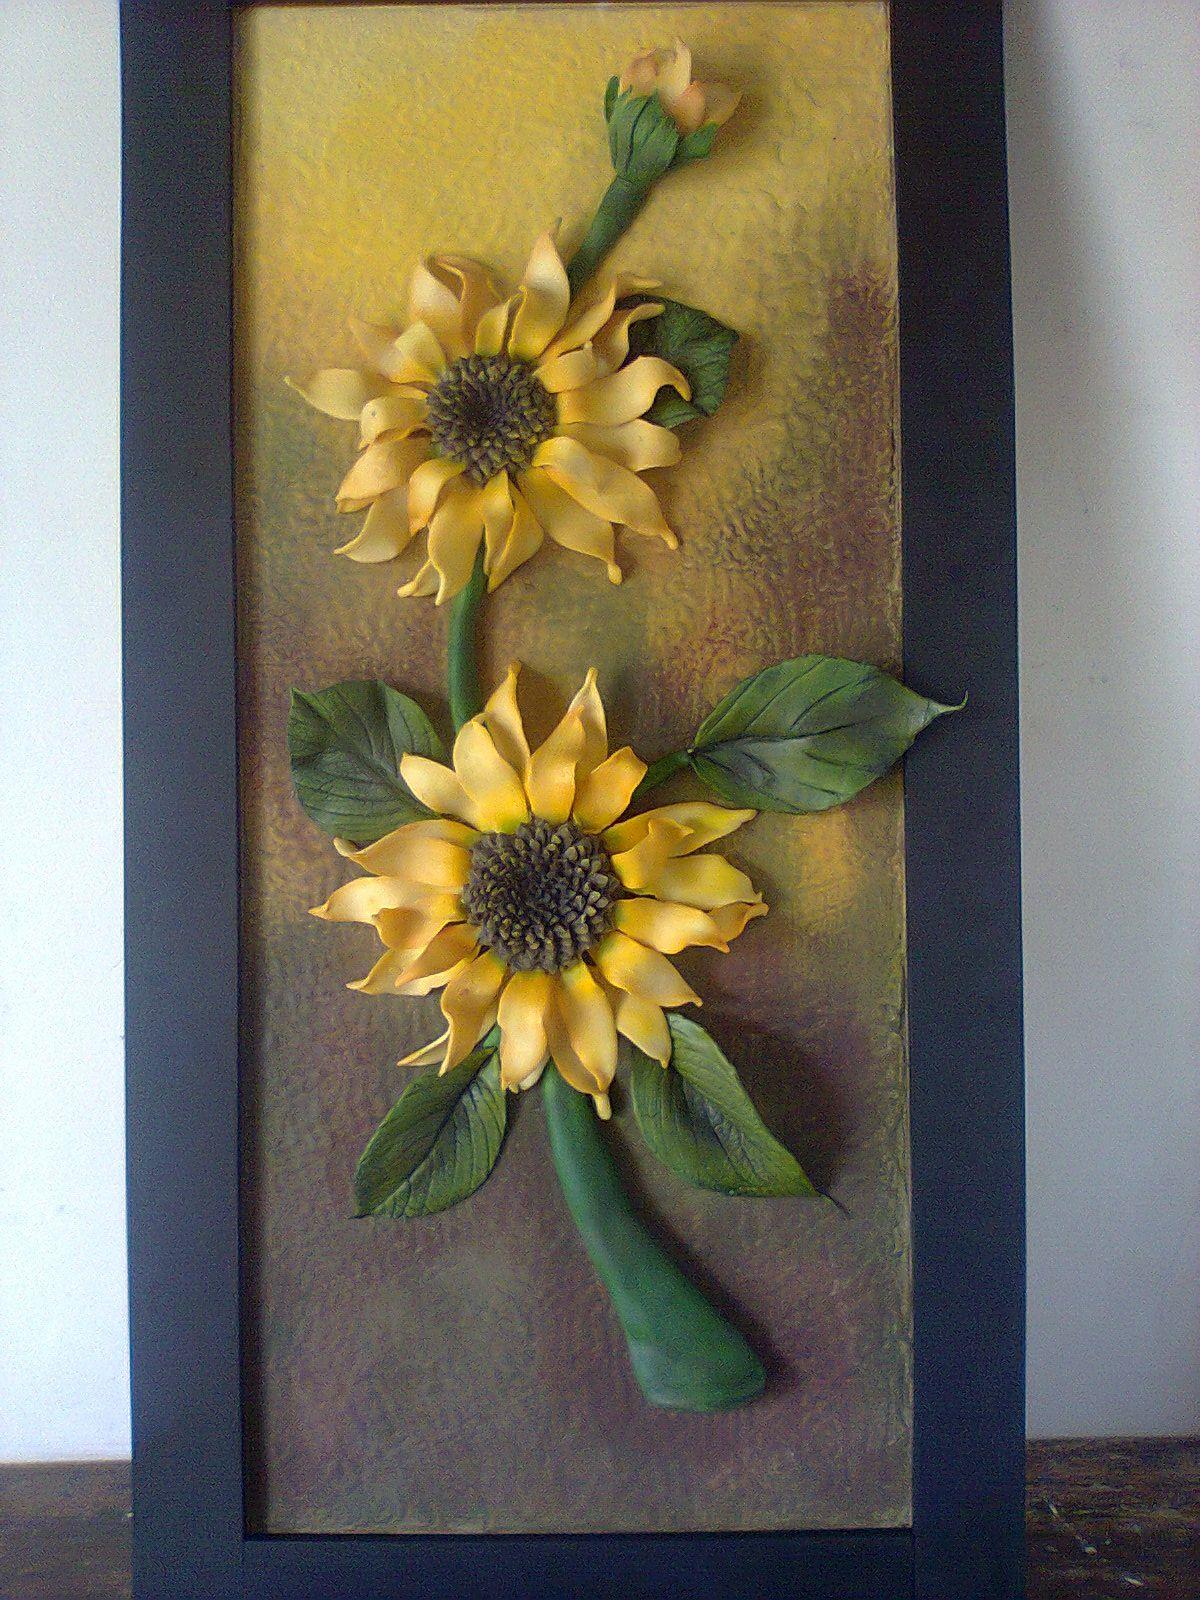 laminas de girasoles - Buscar con Google   Clay wall art, Mural art, Clay  art projects